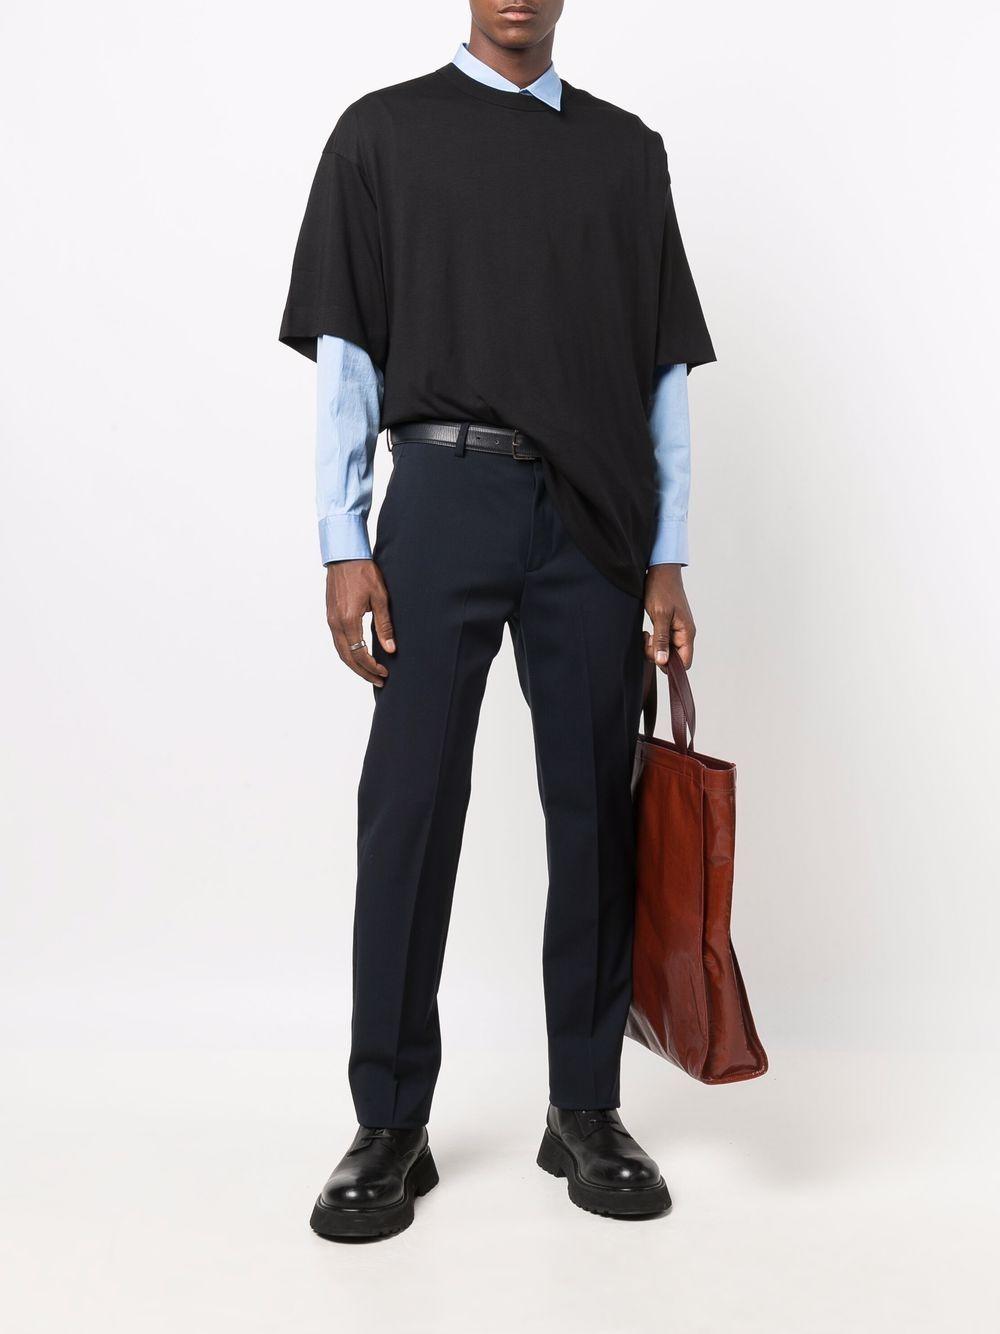 hein t-shirt man black in cotton DRIES VAN NOTEN | T-shirts | HEIN 3600900